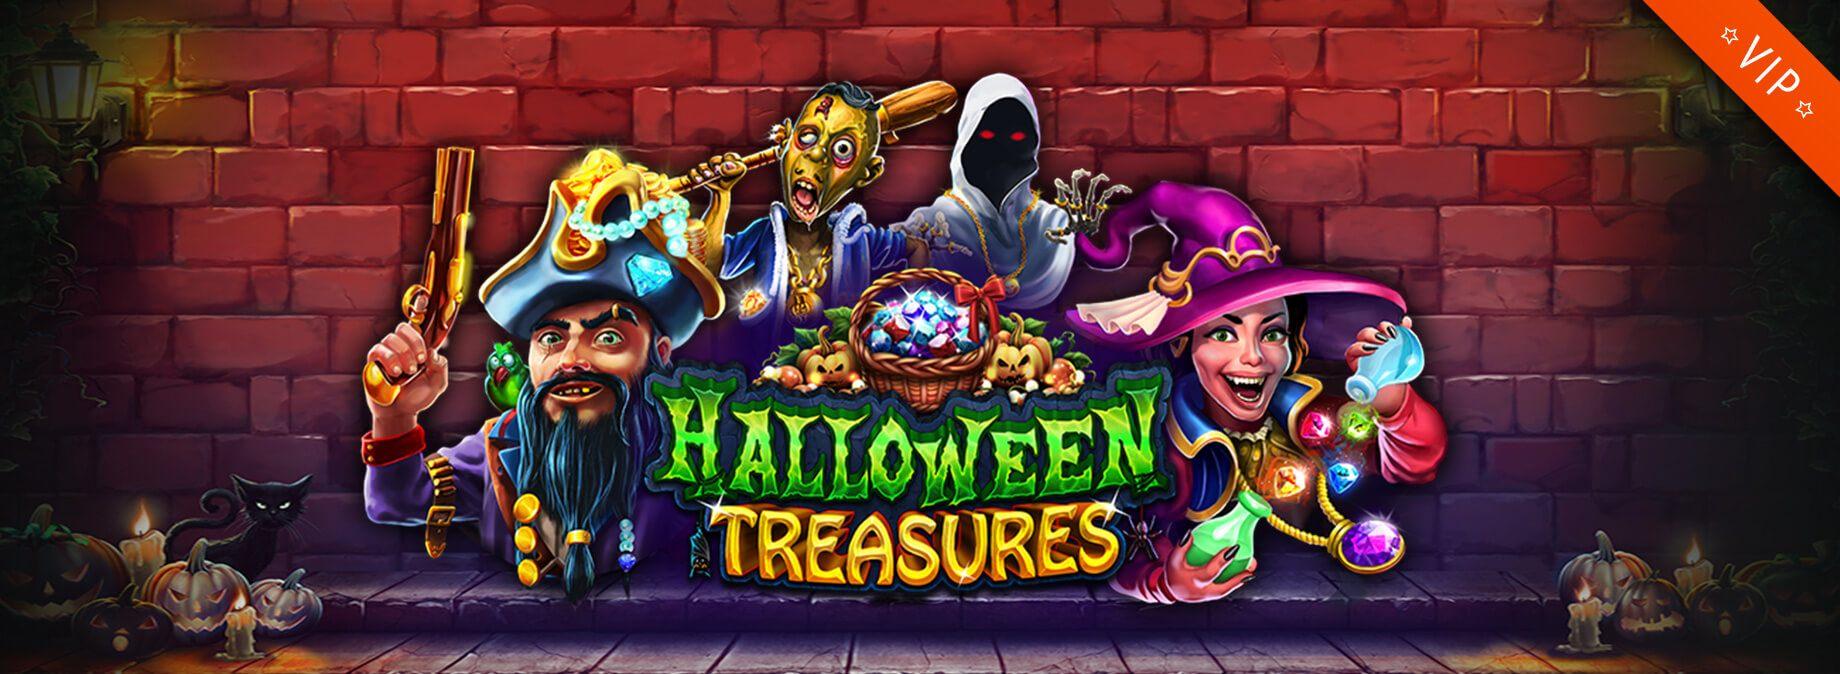 HalloweenTreasureslot